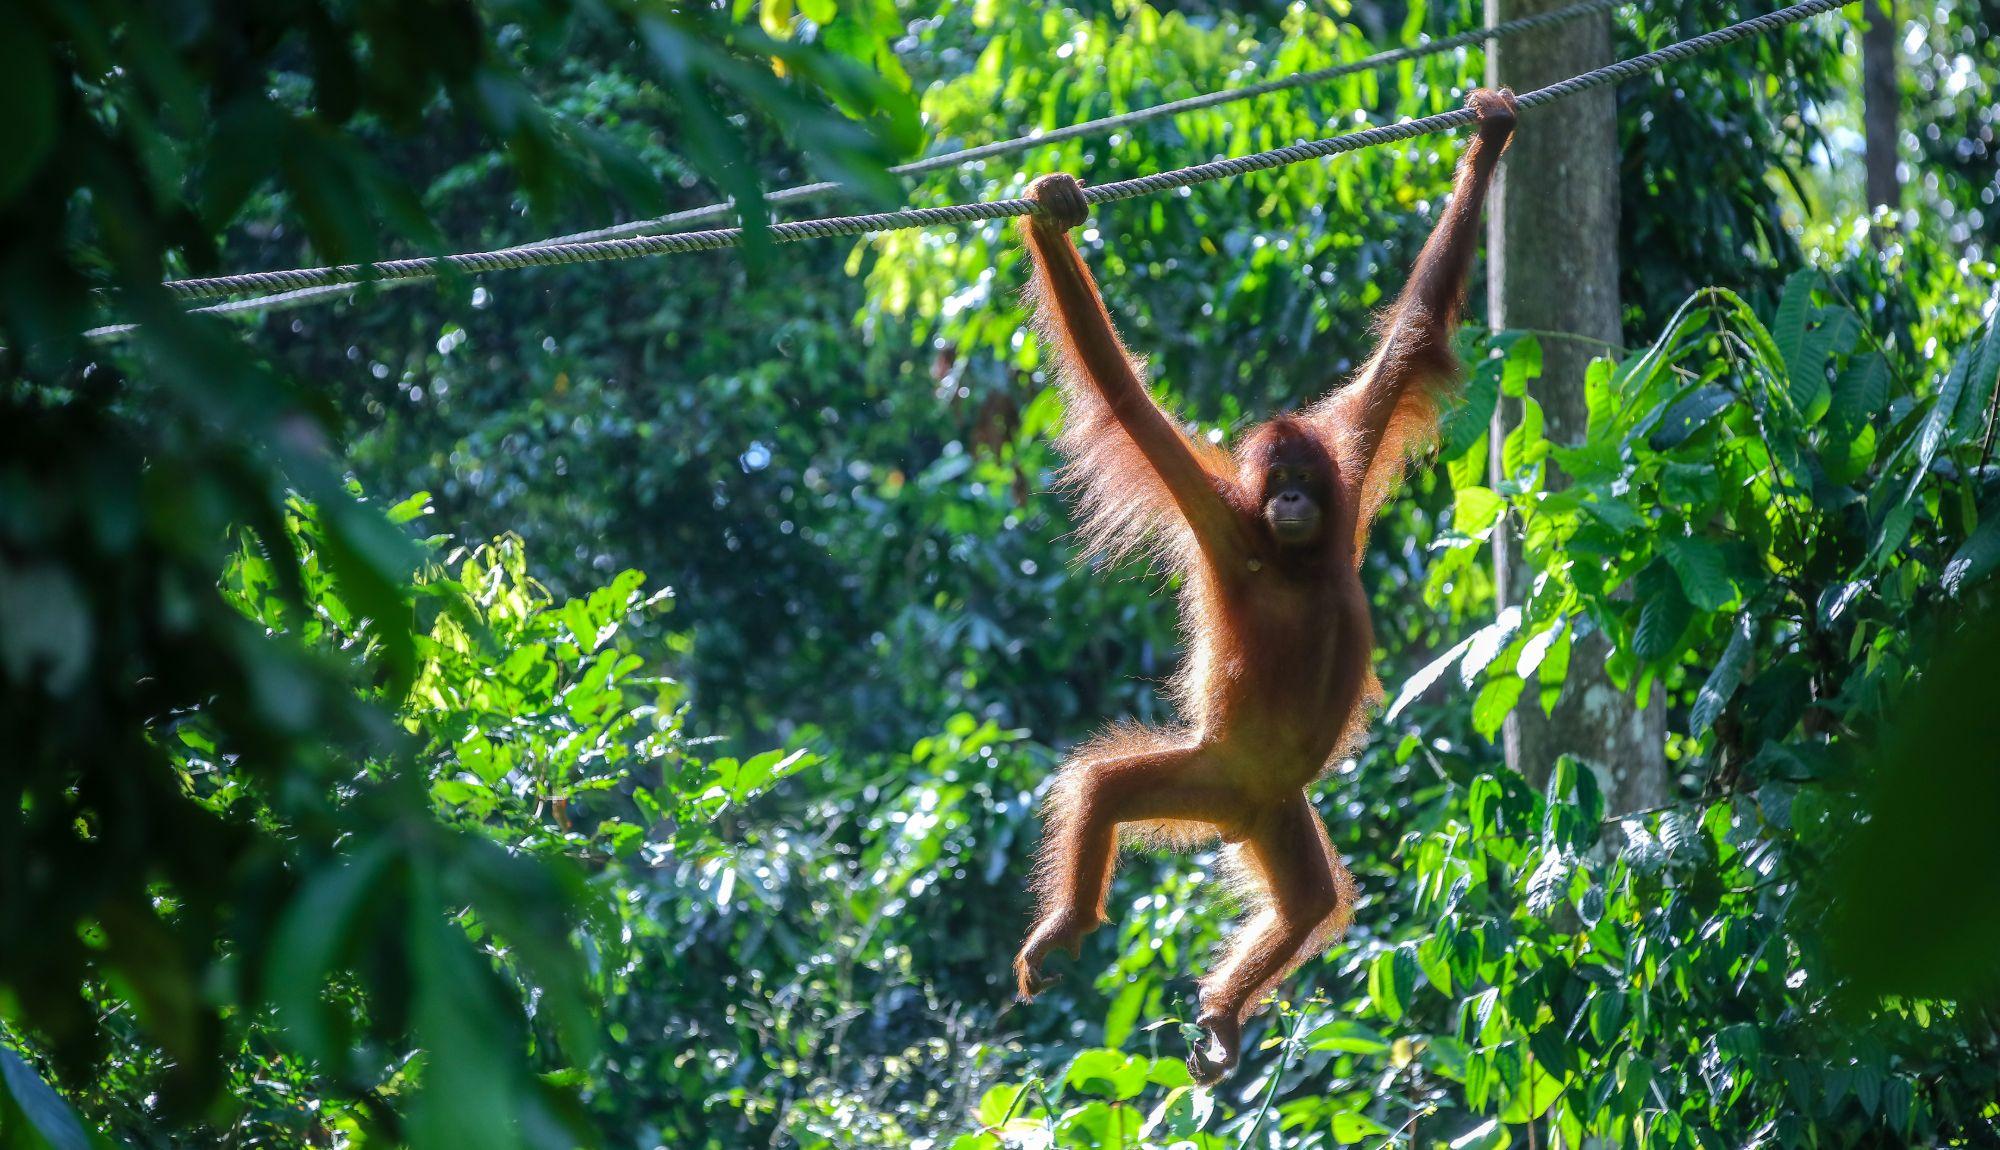 Maleisie Borneo regenwoud jungle natuur mensaap orang oetan